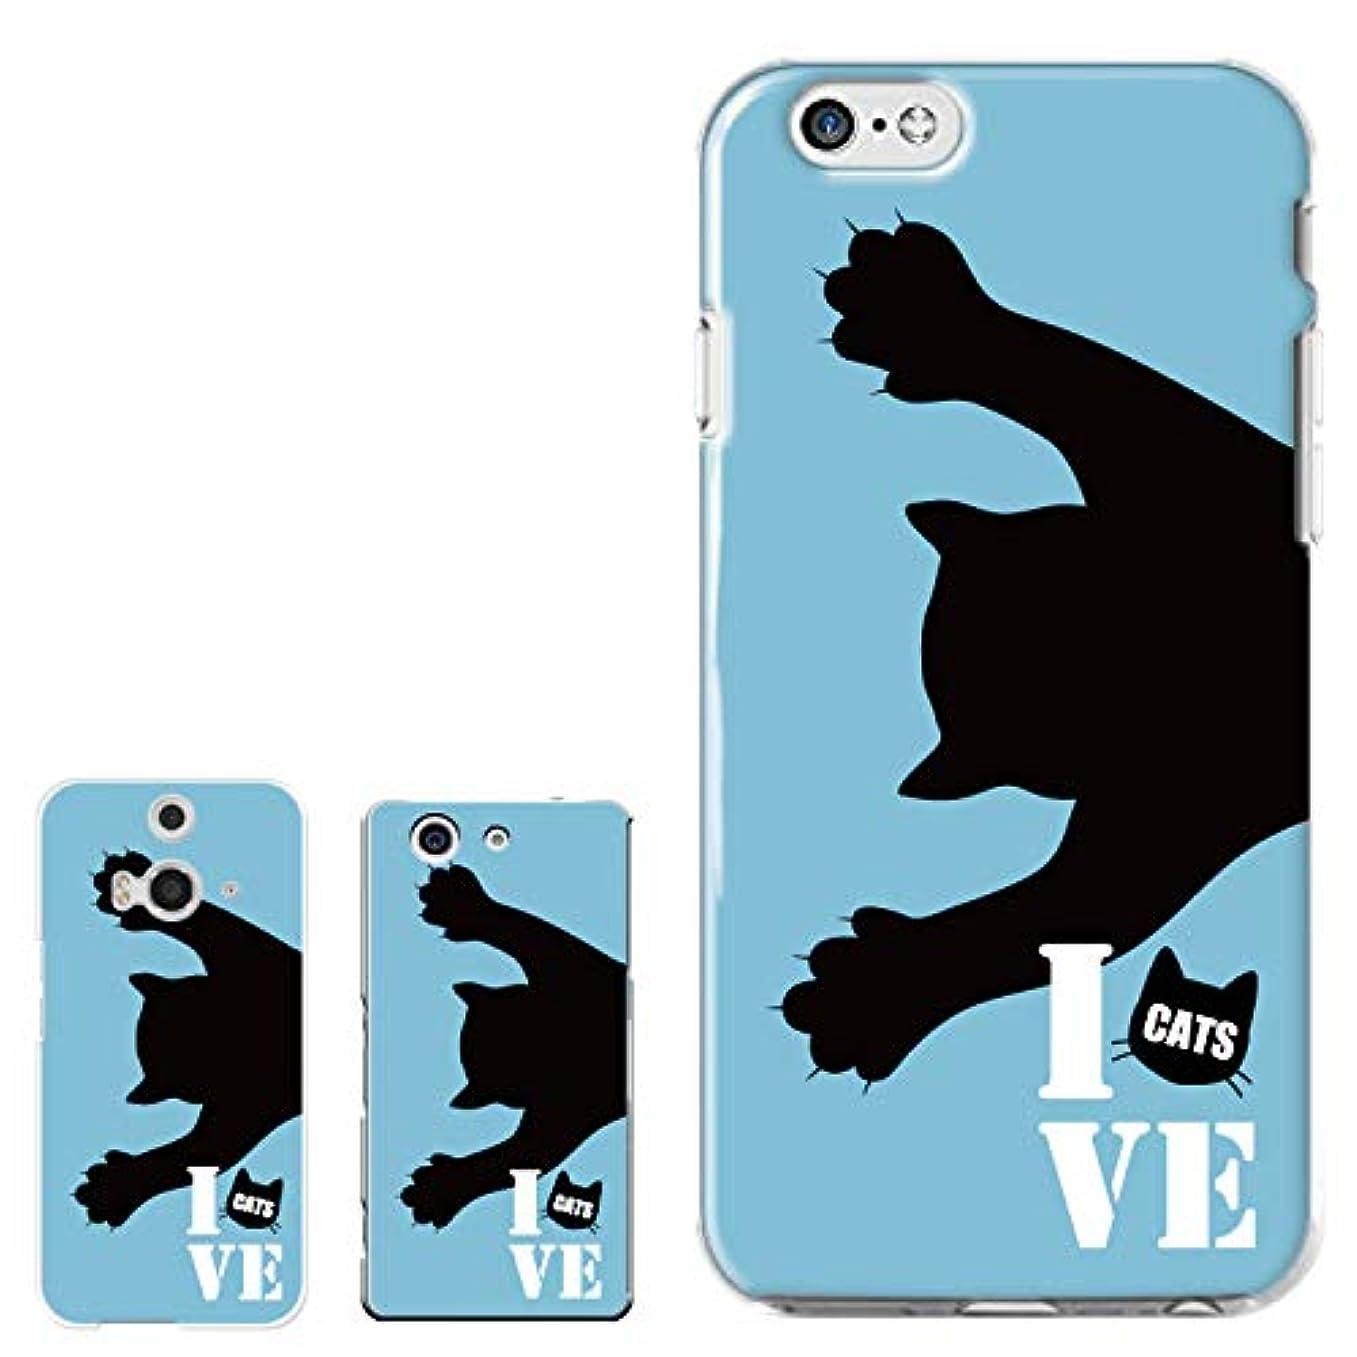 プレゼンター効能チェス【 iris 】 ハードケース 全機種対応 【 Xperia Z2 SO-03F エクスペリア Z2 f SO-03F専用 】 猫 CAT キャット ニャンコ かわいい 人気 手書き LOVE ペット 動物 プラスチック ハードケース カバー スマホケース スマートフォン